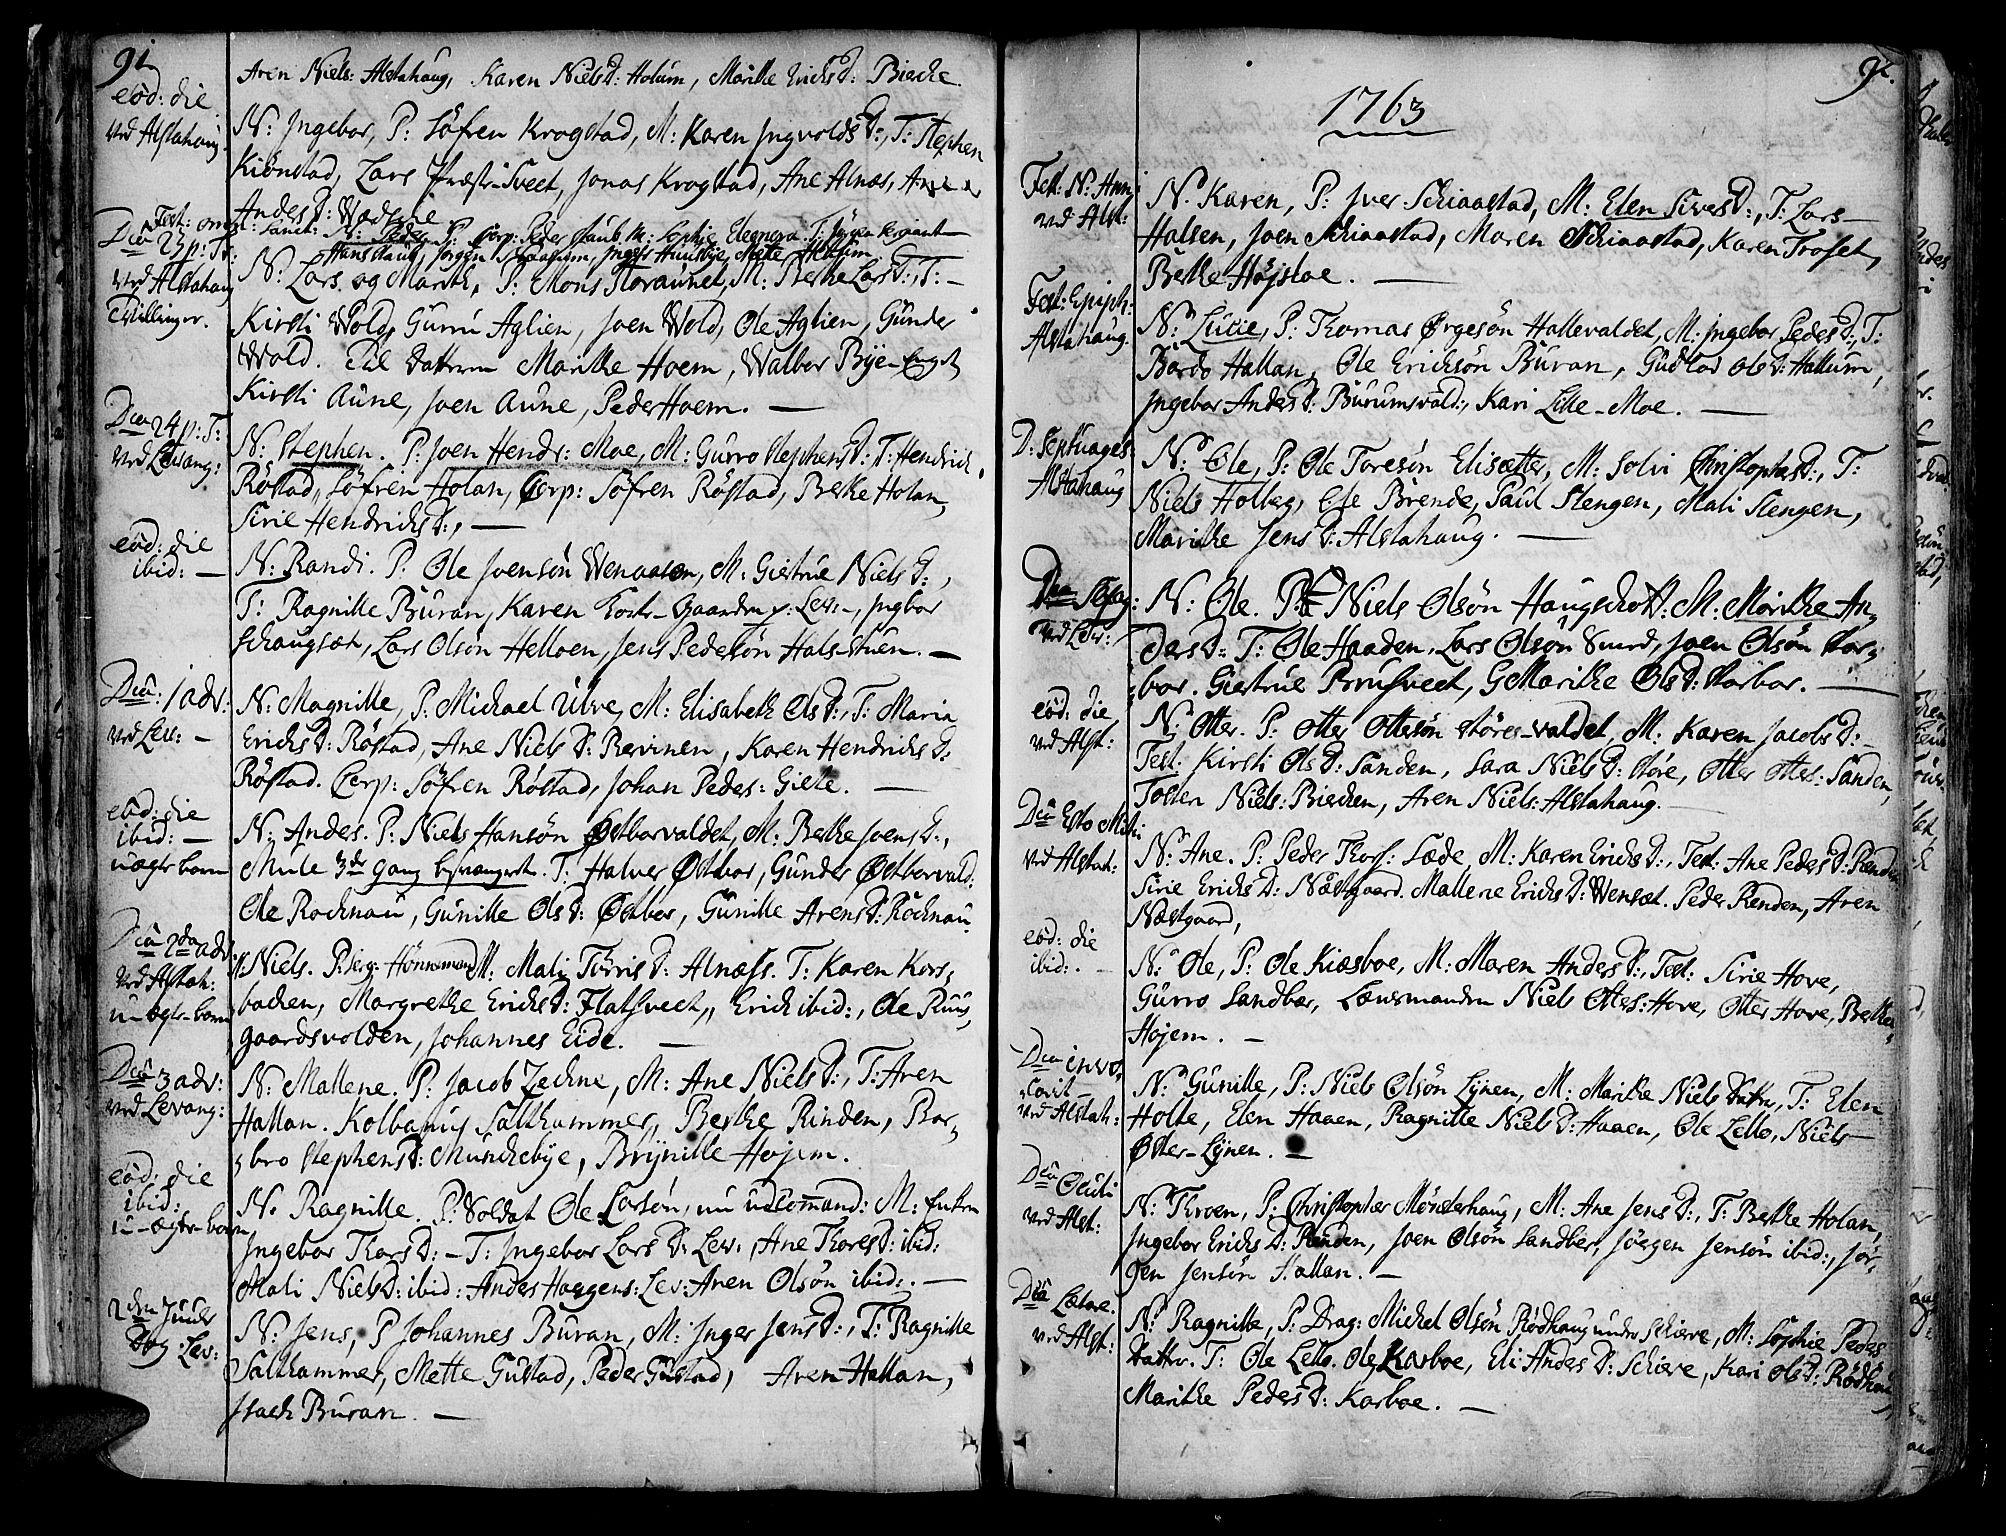 SAT, Ministerialprotokoller, klokkerbøker og fødselsregistre - Nord-Trøndelag, 717/L0141: Ministerialbok nr. 717A01, 1747-1803, s. 91-92